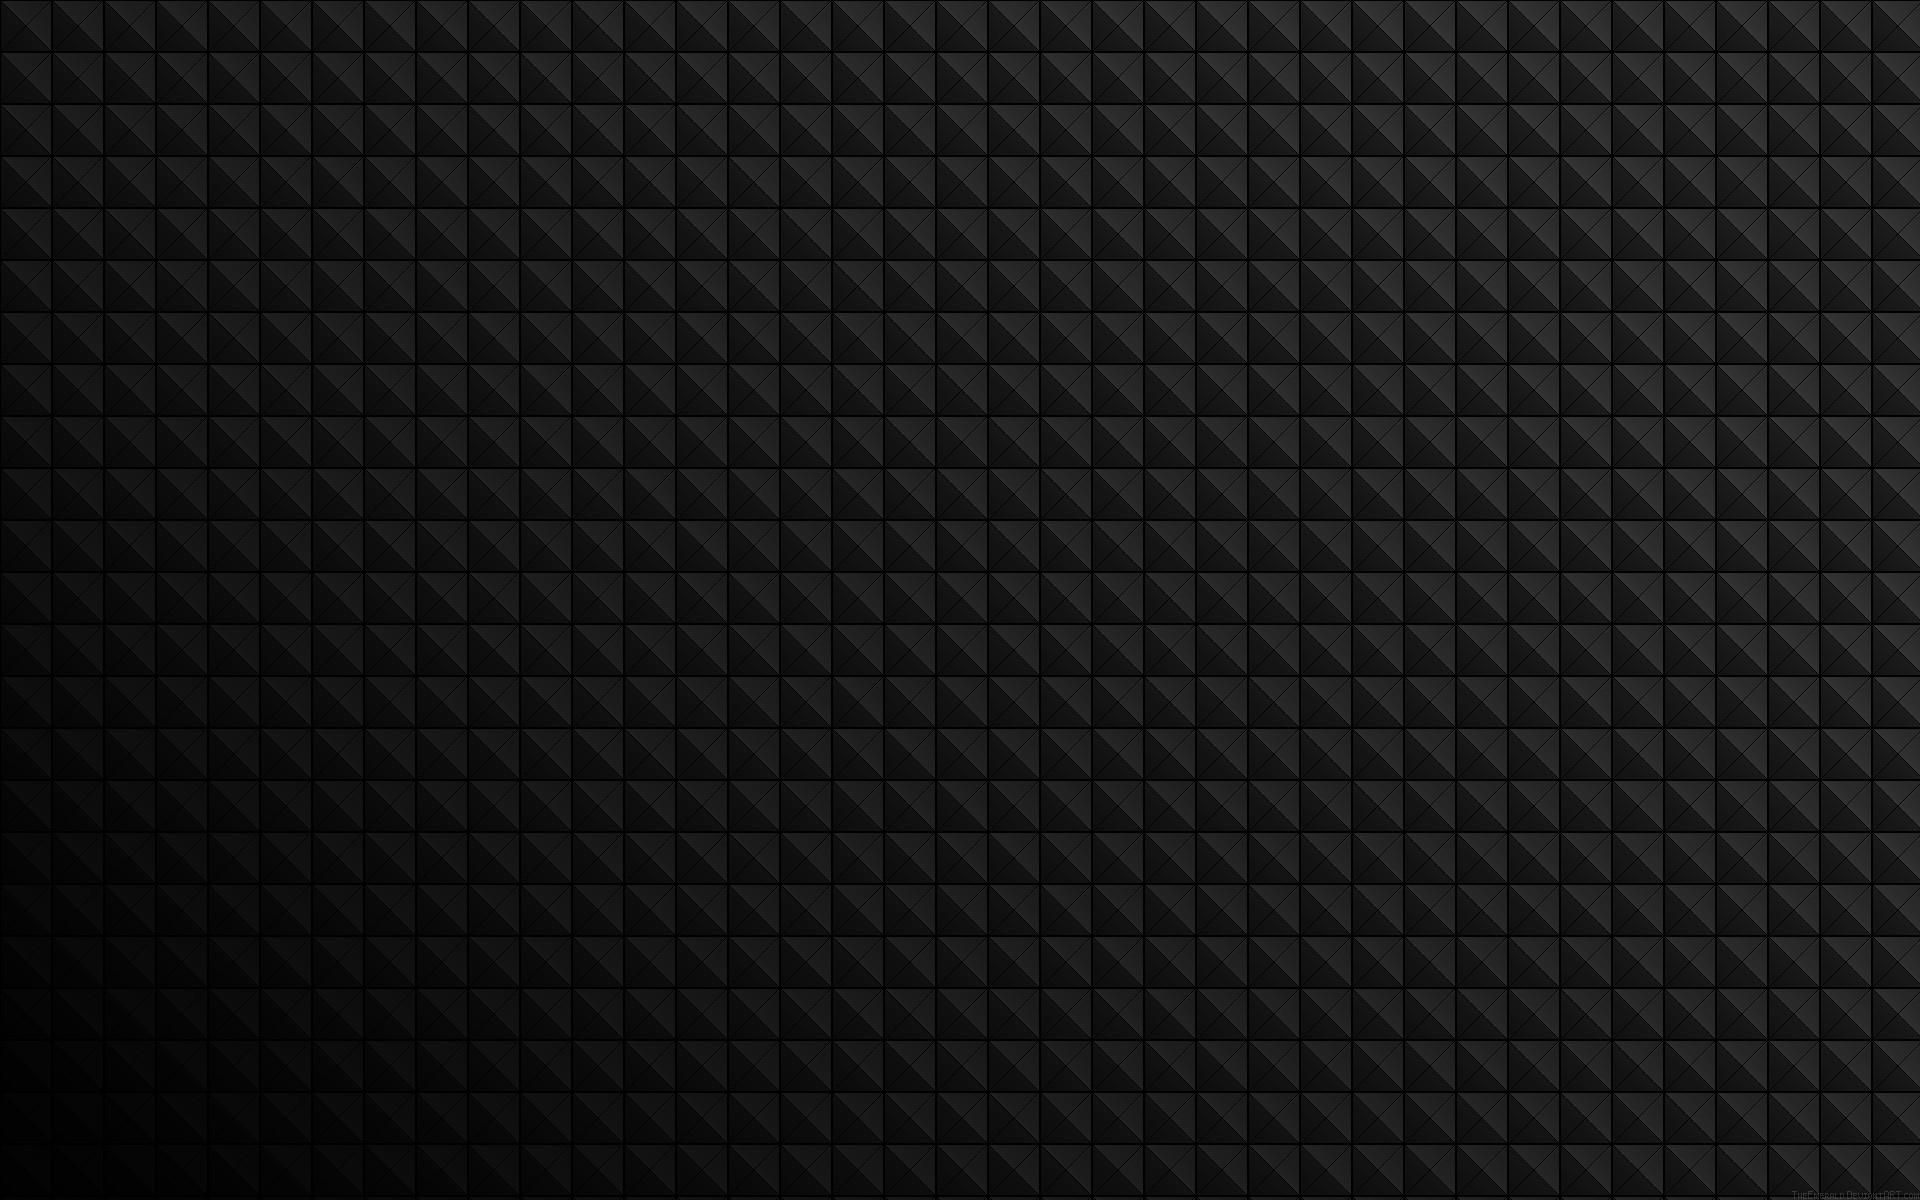 basic grey desktop wallpaper wallpapersafari